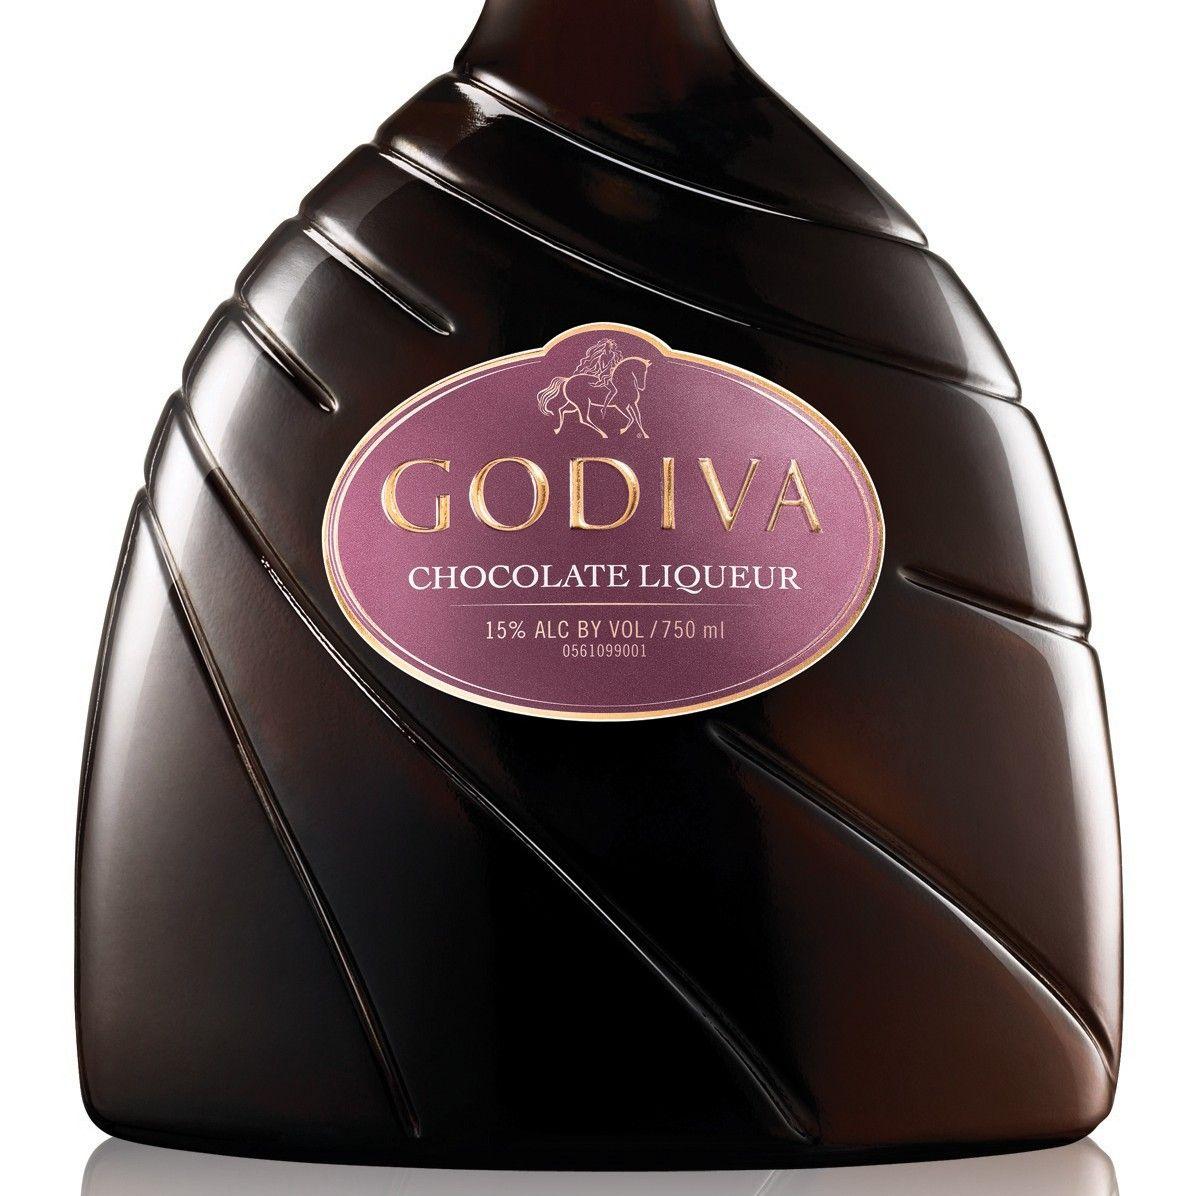 Chocolate Liqueur, Godiva Chocolate, Liqueur